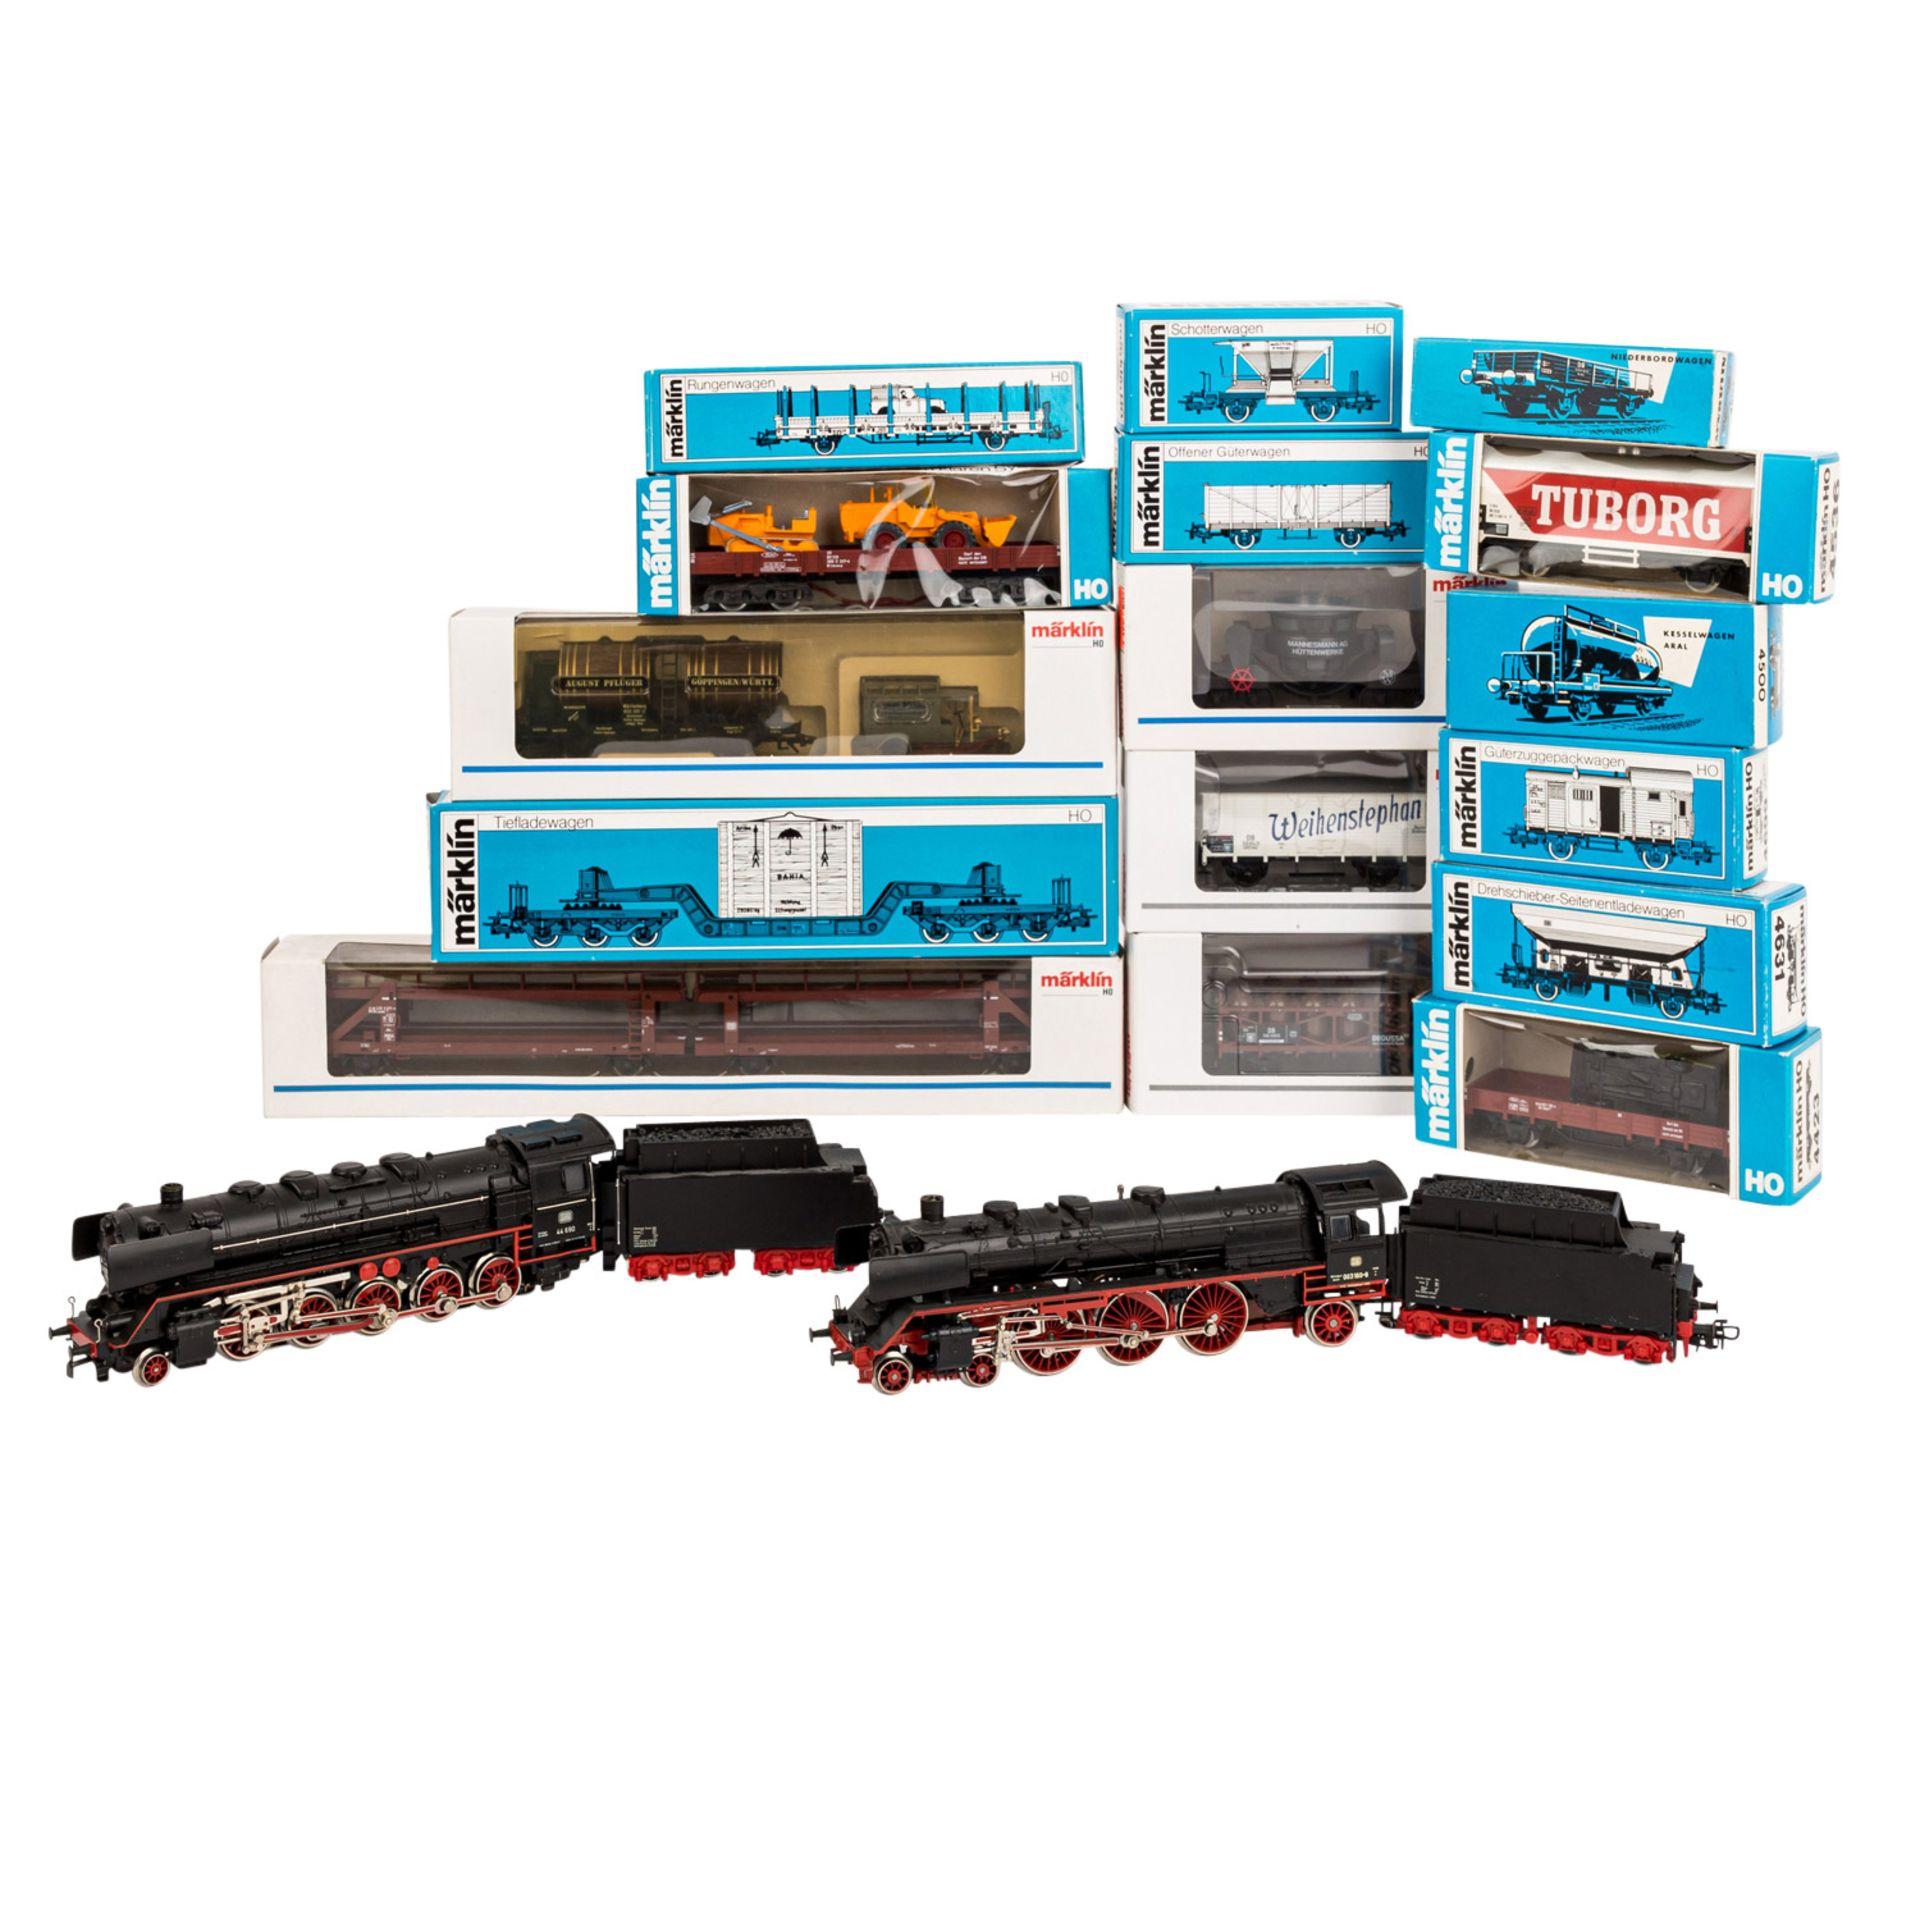 MÄRKLIN Konvolut Lokomotiven und Güterwagen, Spur H0,bestehend aus zwei Schlepptende